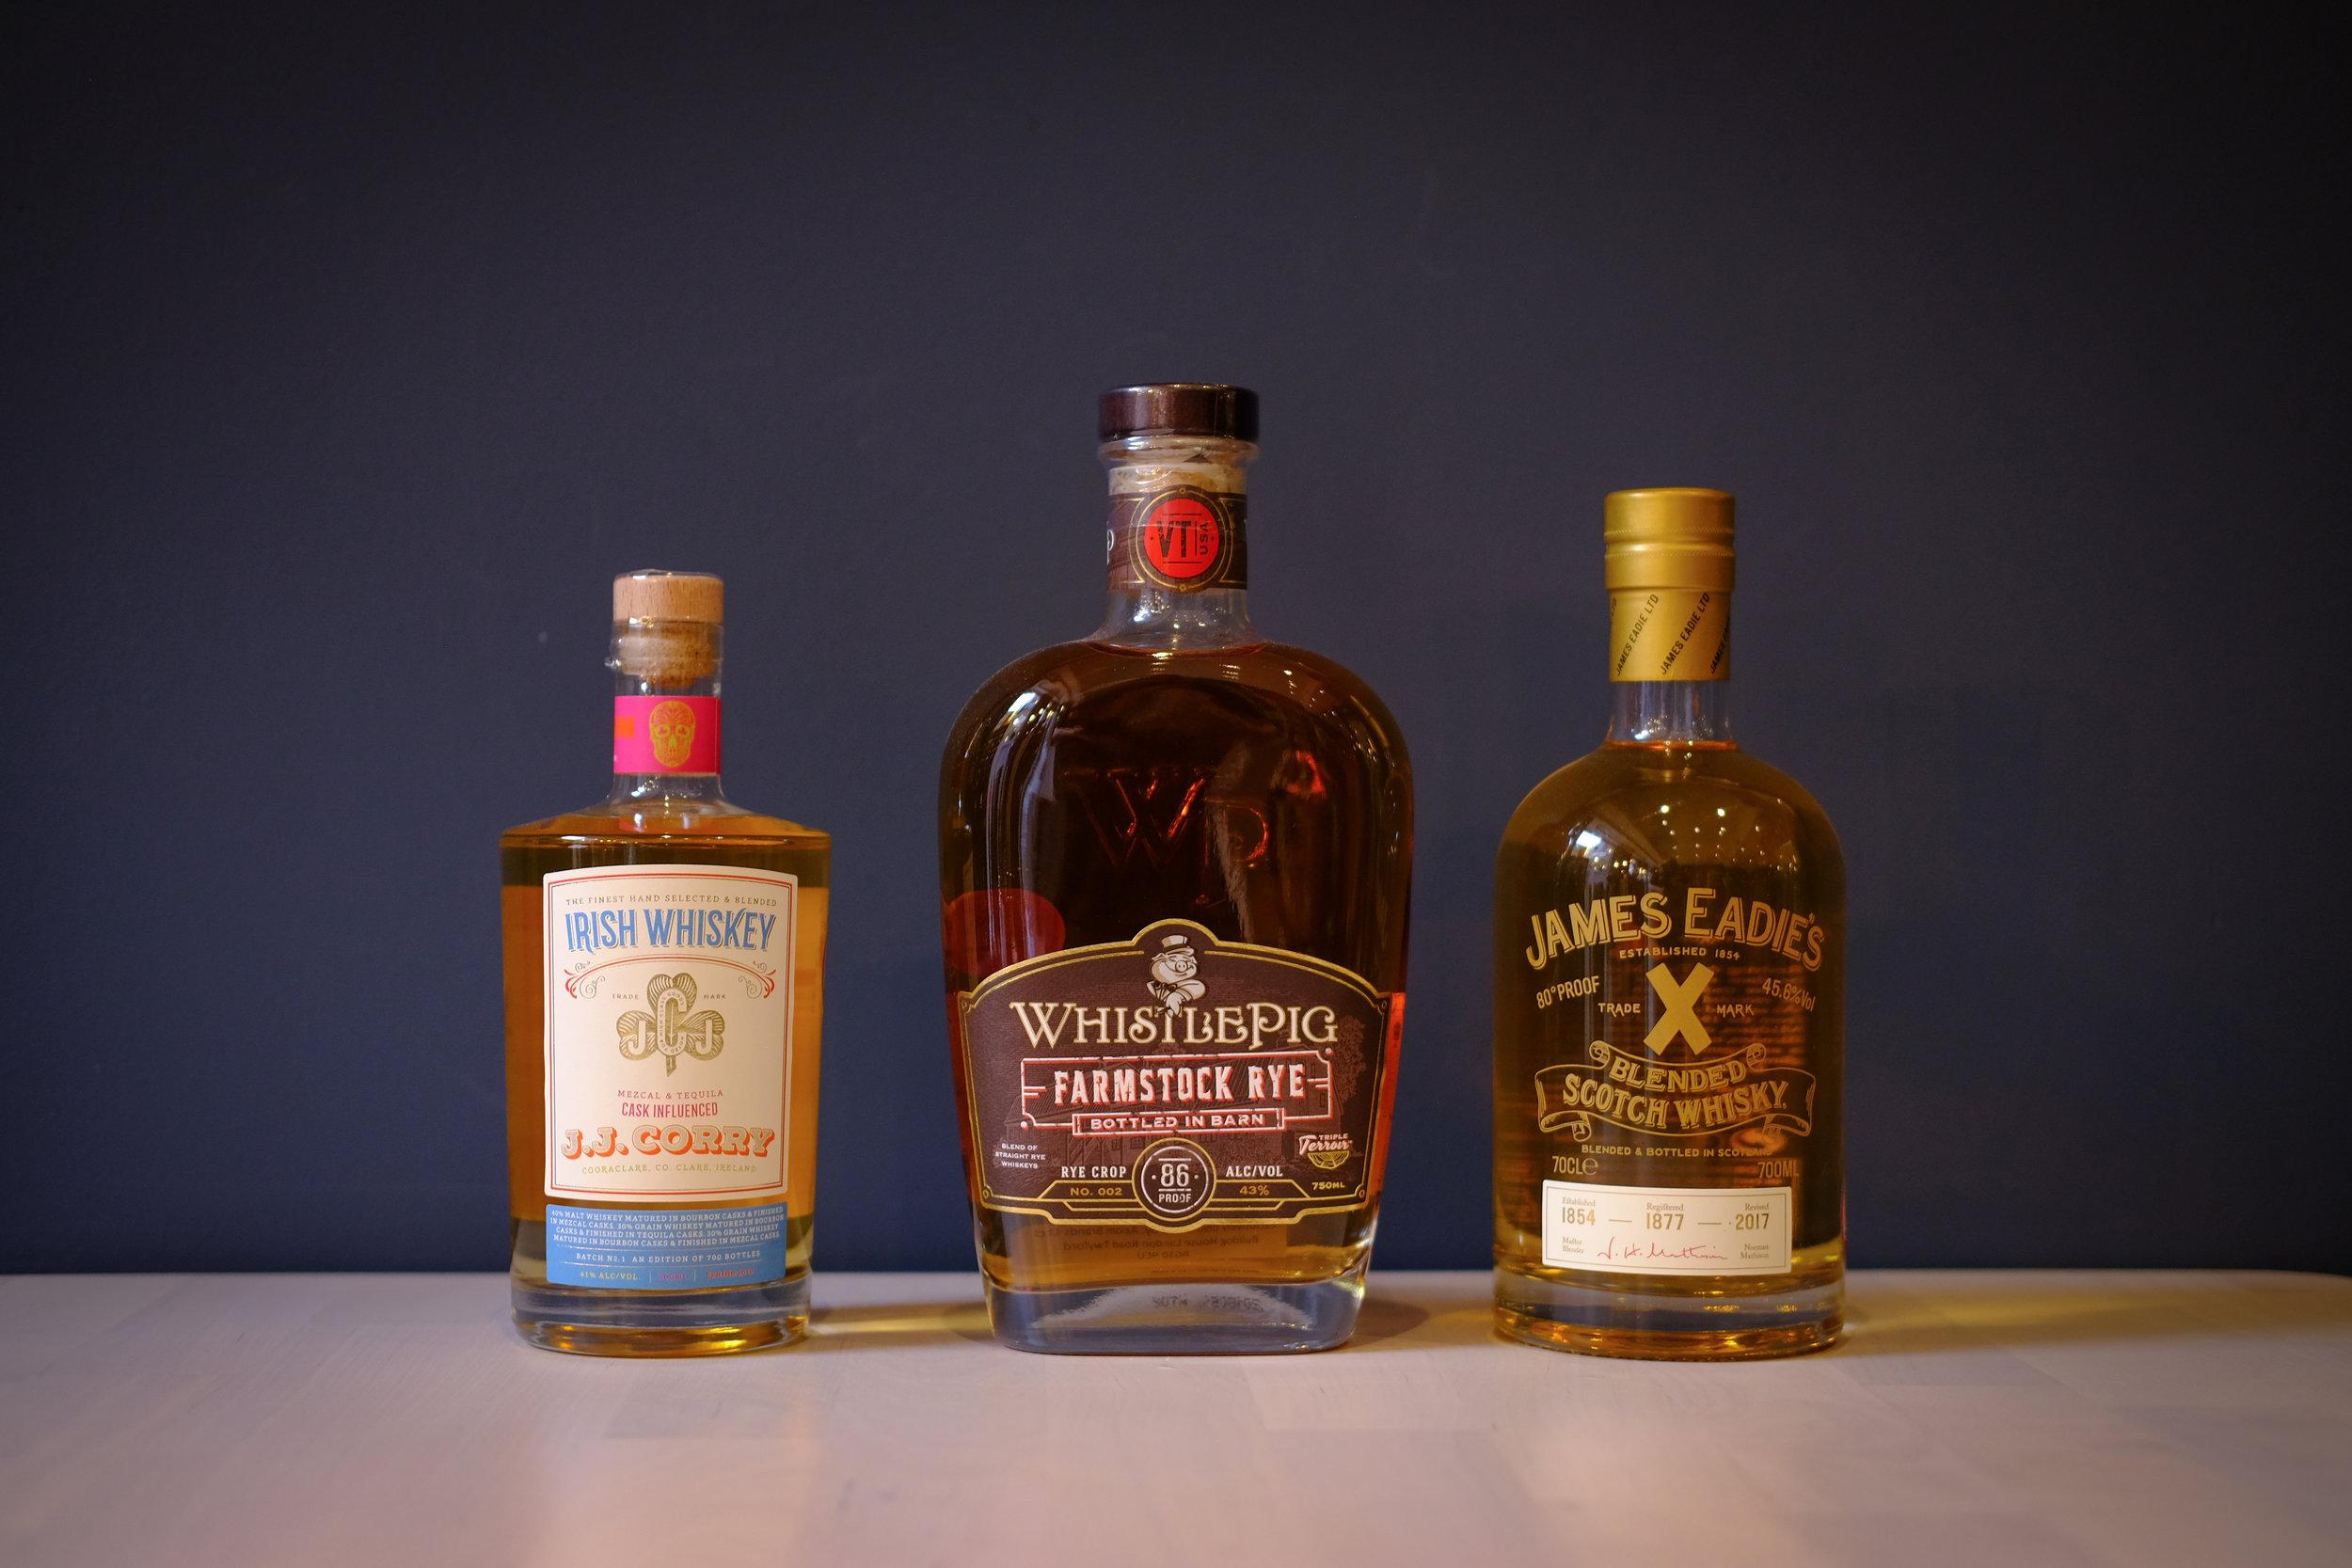 whisky-whiskey-jjcorry-whistlepig-jameseadie-scotch-farmstock-kingston